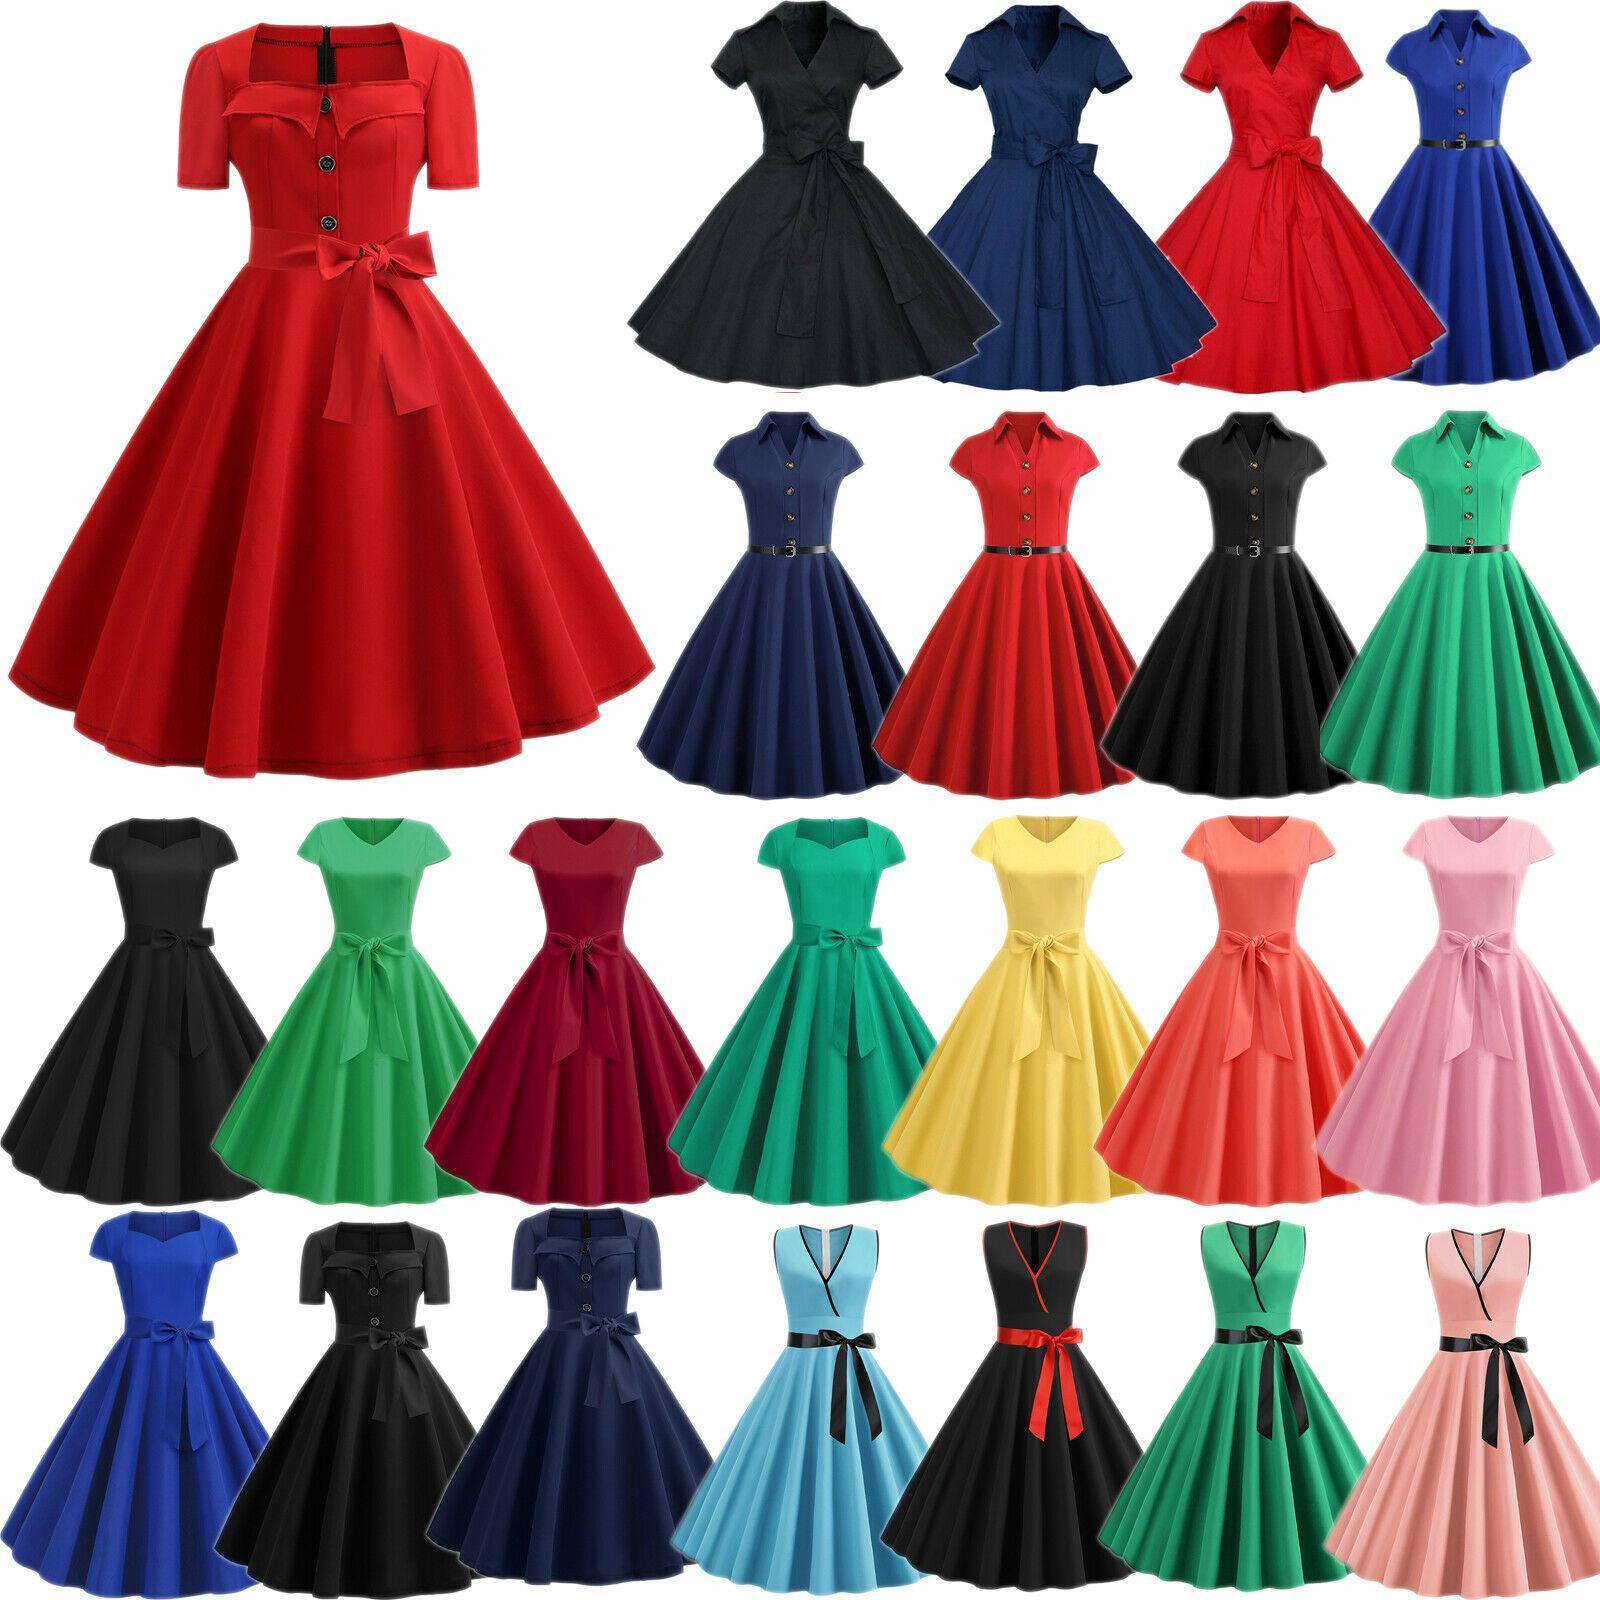 10 Genial Abend Petticoat Kleid Bester PreisDesigner Erstaunlich Abend Petticoat Kleid Bester Preis